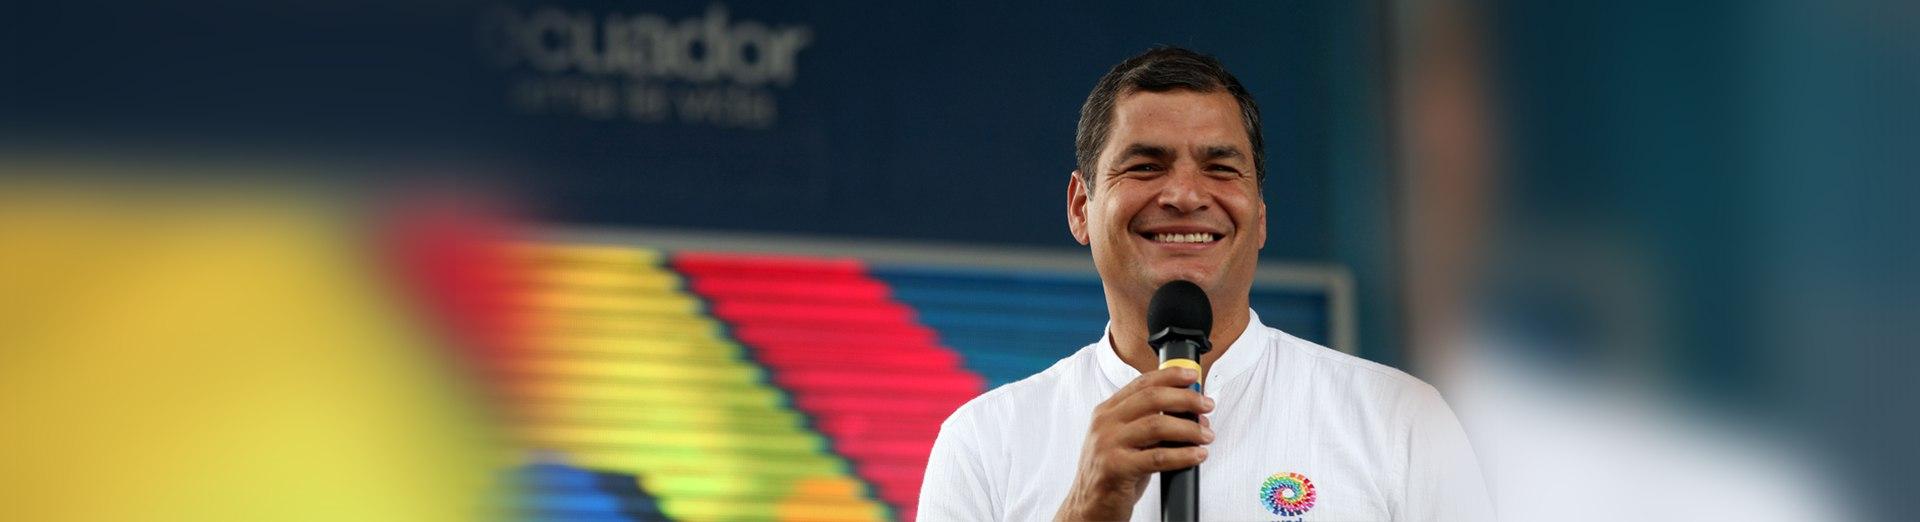 Ecuador avanza hacia un no estado conveniente para los poderes fácticos